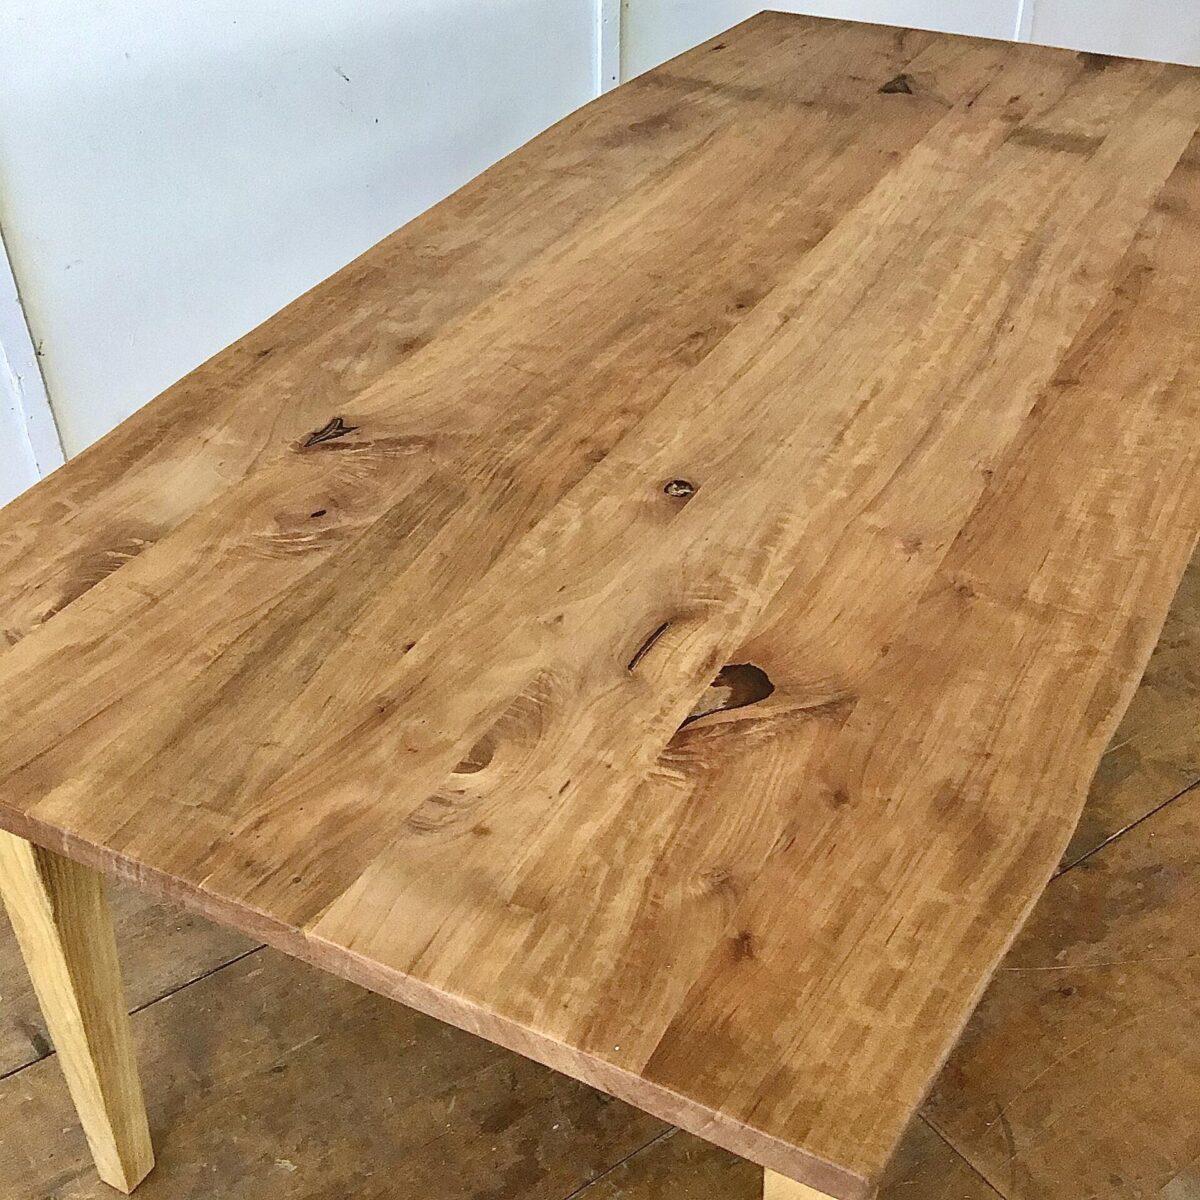 Birnbaum Tisch mit Eschenholz Beinen. 197 x 90cm Höhe 75cm. Die Baumkanten an den Längsseiten sind etwas geschwungen. Holzoberflächen geölt.